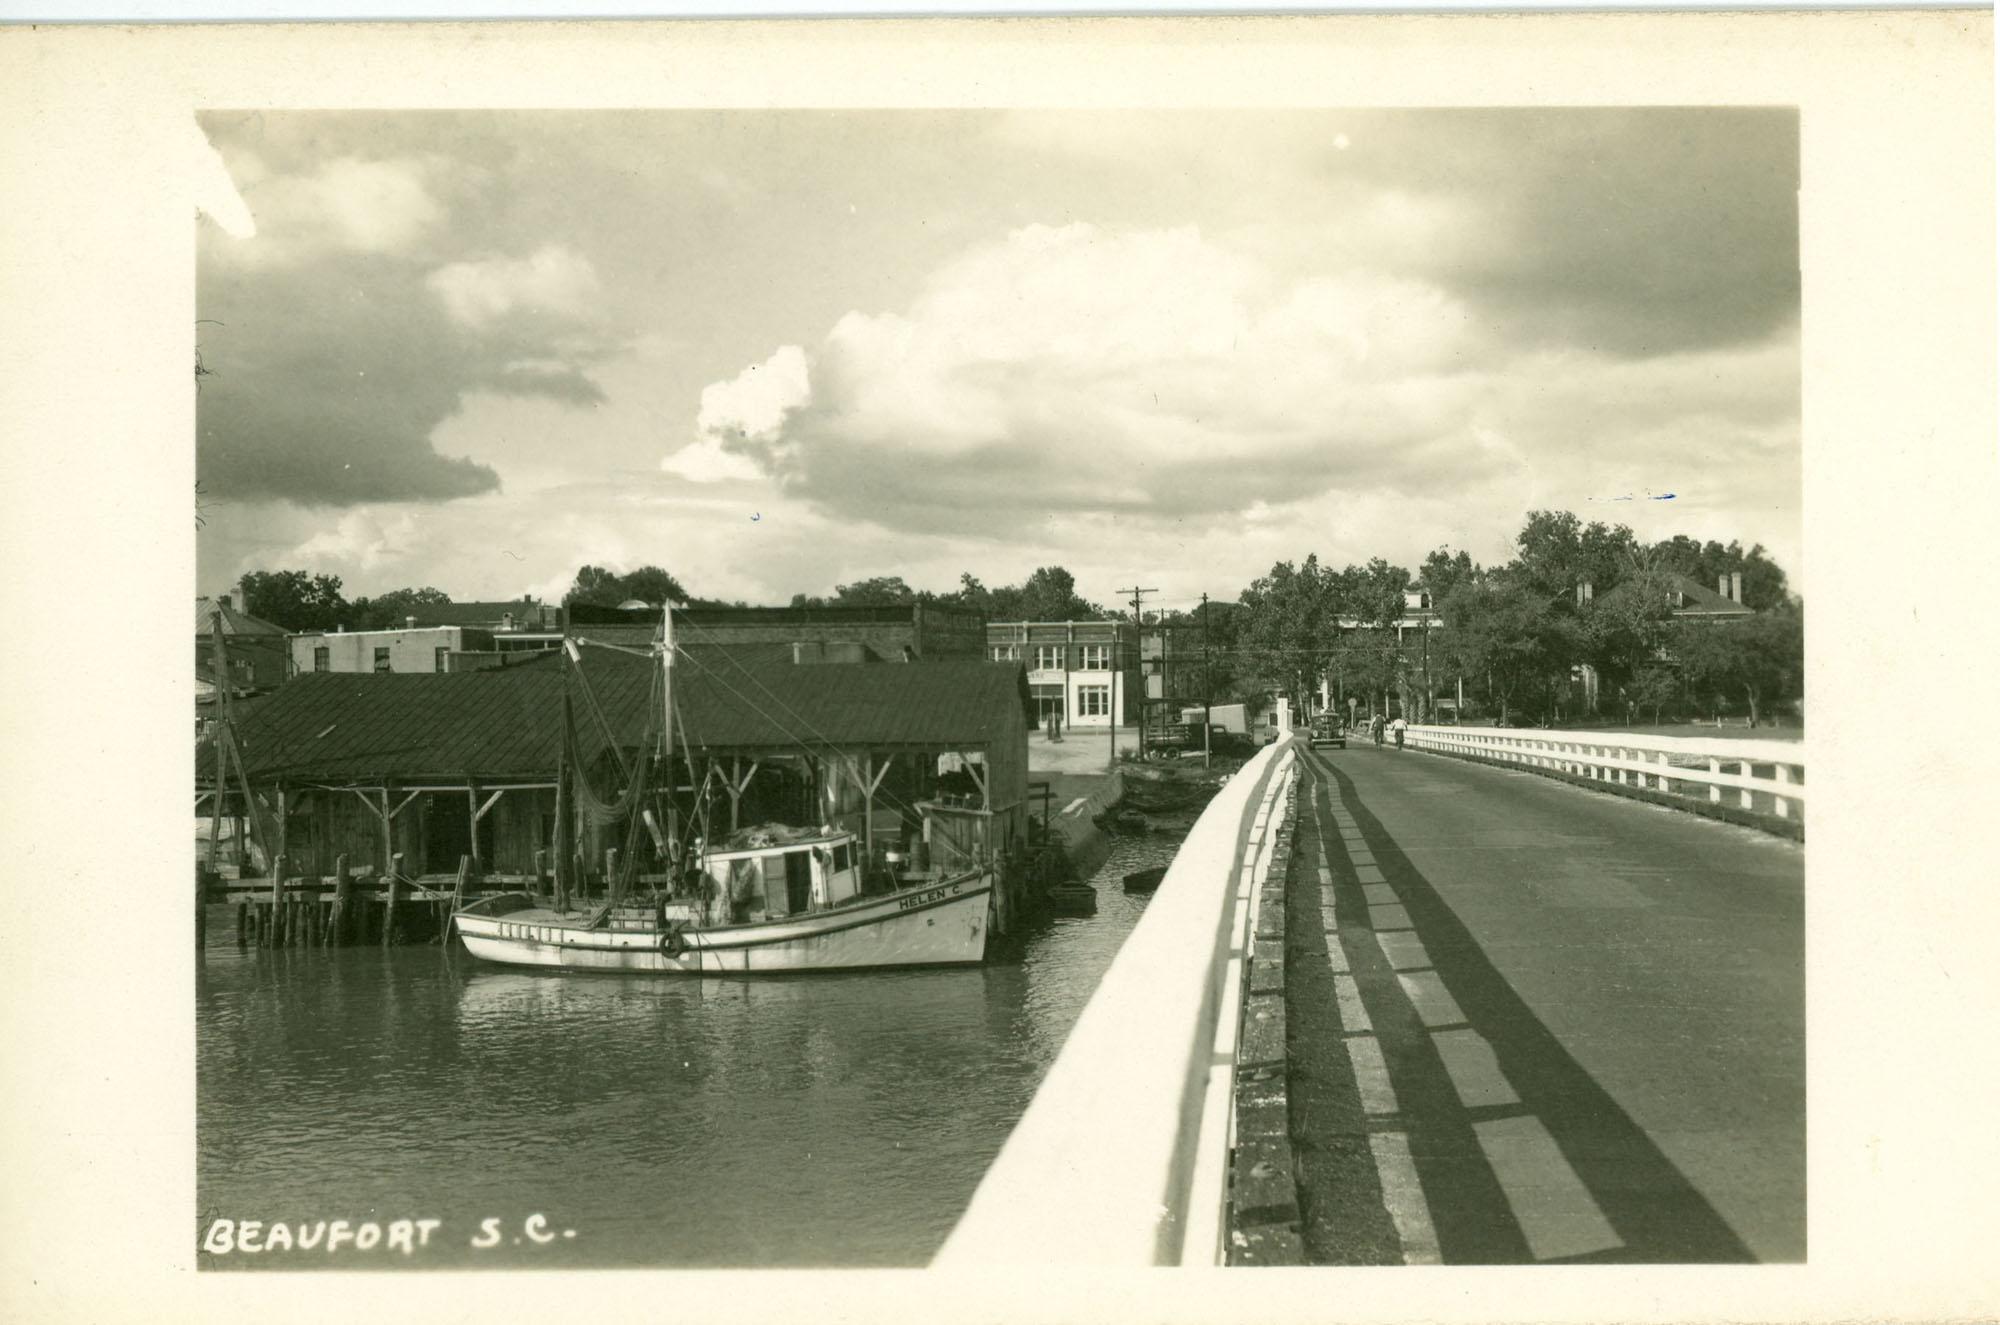 Beaufort S.C.